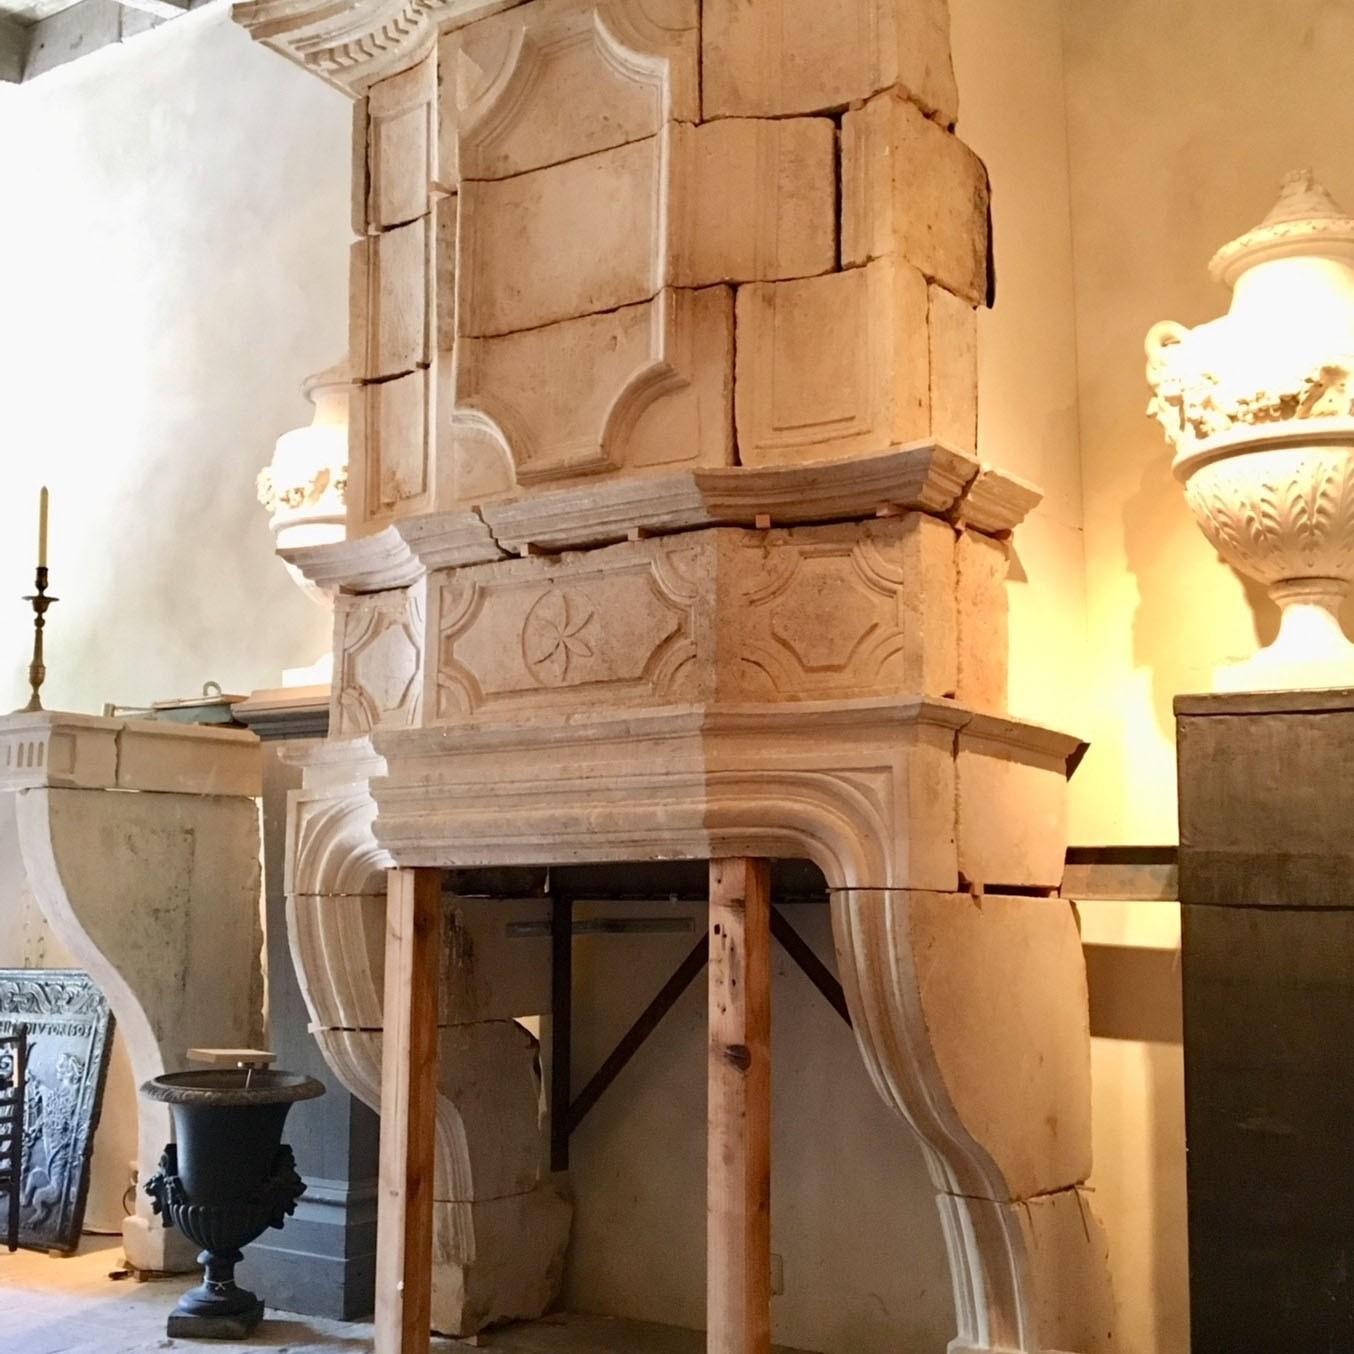 Schöner großer Kamin aus dem 17. Jahrhundert mit Trumeau